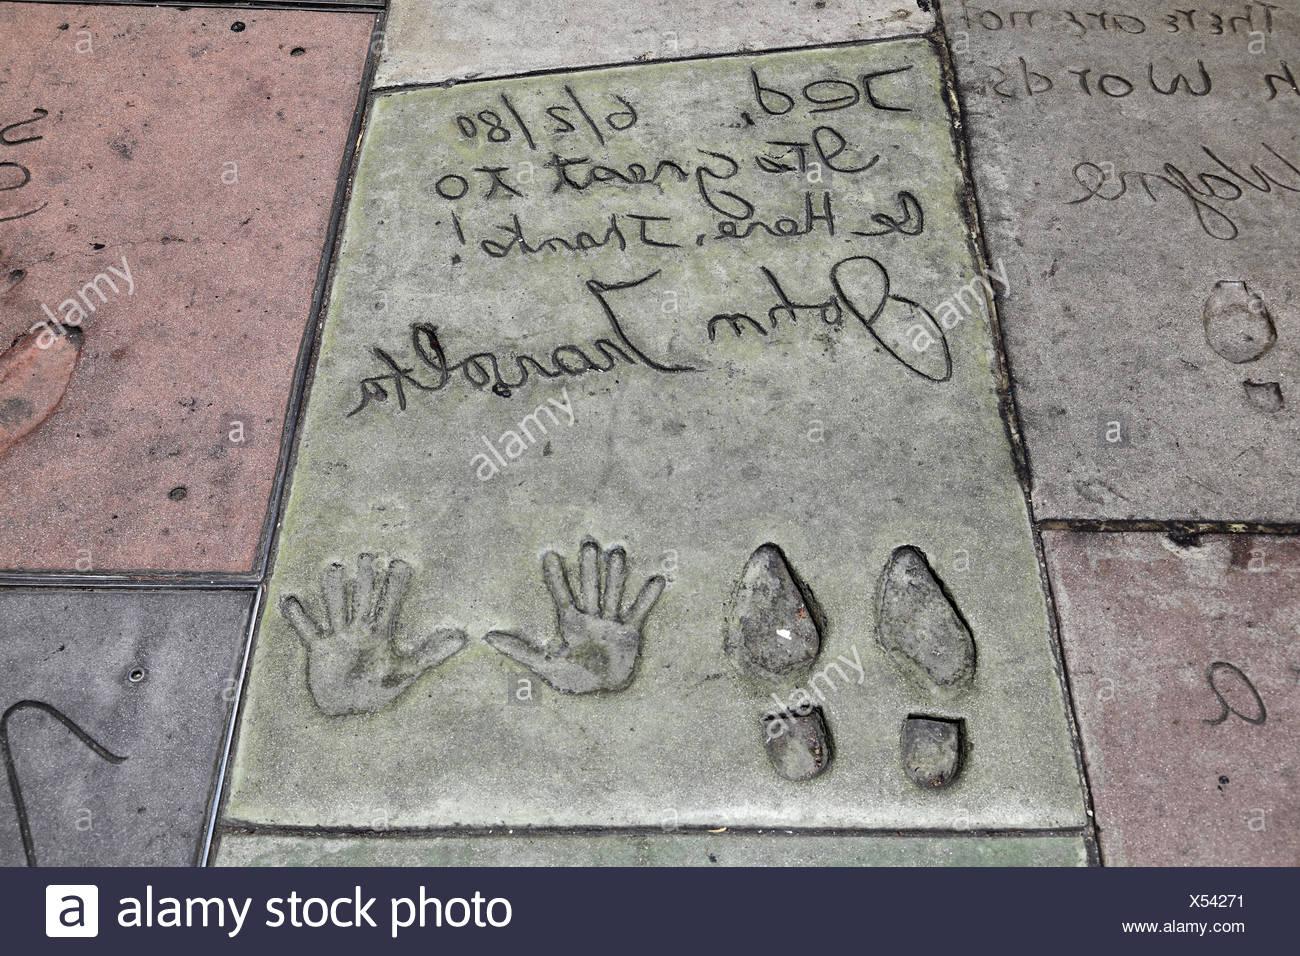 Travolta, John, * 18.2.1954, US-amerikanischer Schauspieler, Hand- und Schuh Drucke, Grauman's Chinese Theater, Hollywood Blvd., Hollywood, Los Angeles, Kalifornien, USA, Additional-Rights-Spiel-NA Stockbild